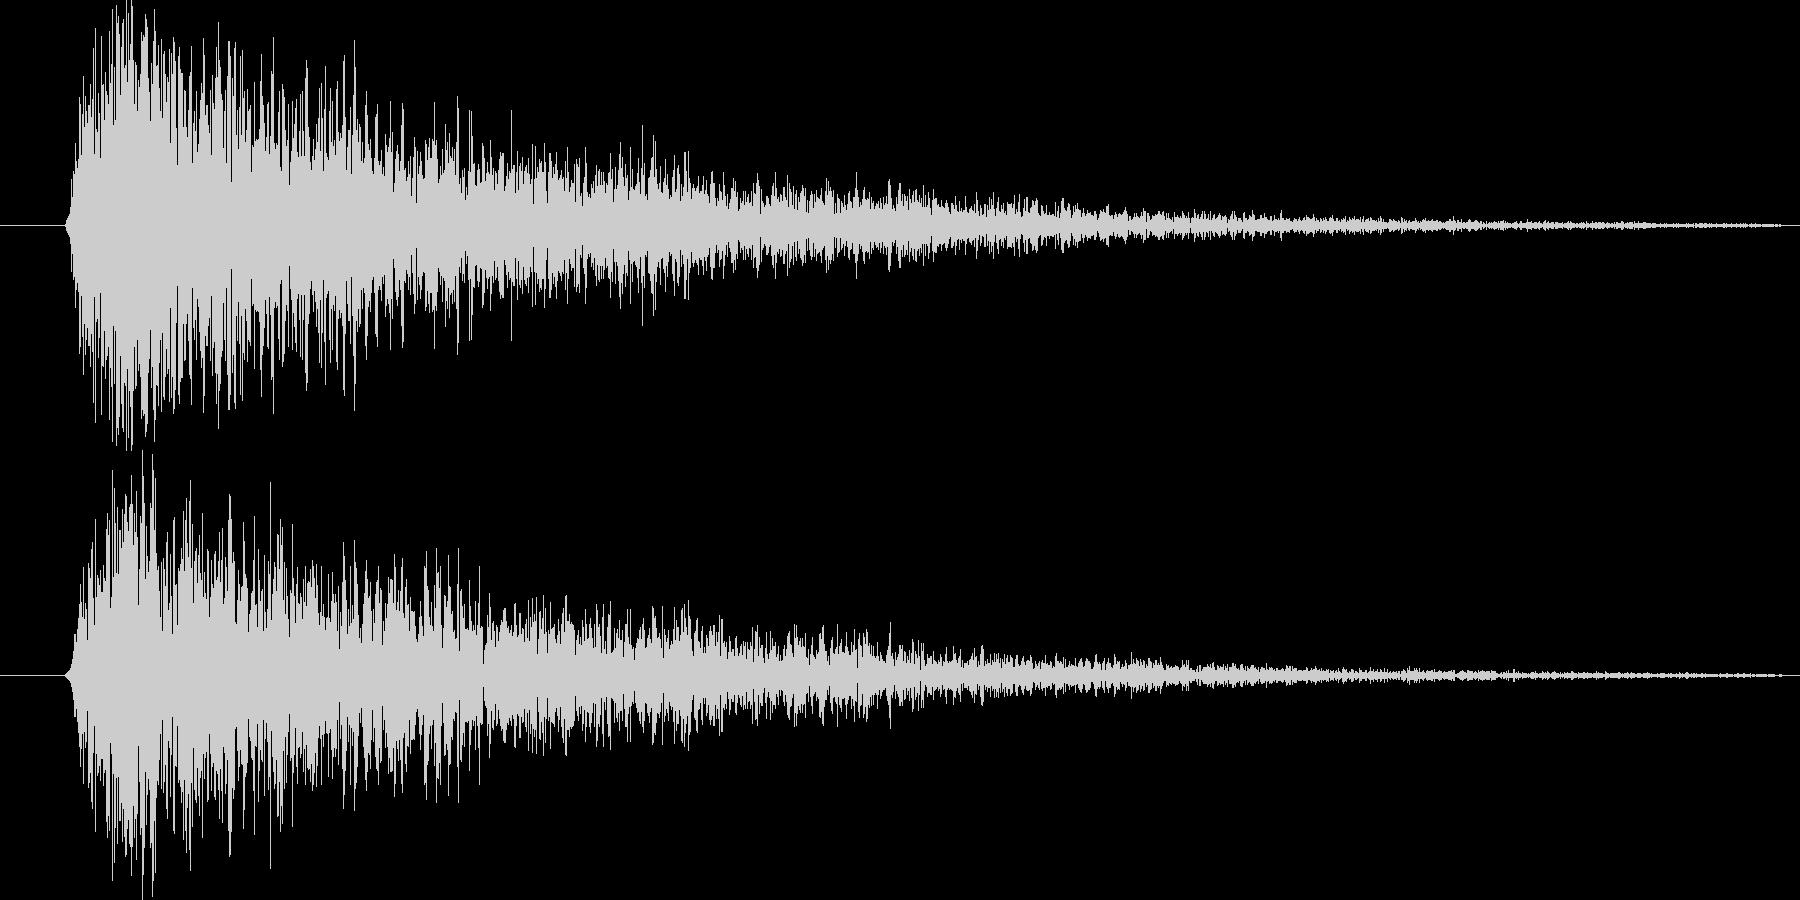 金属音の未再生の波形